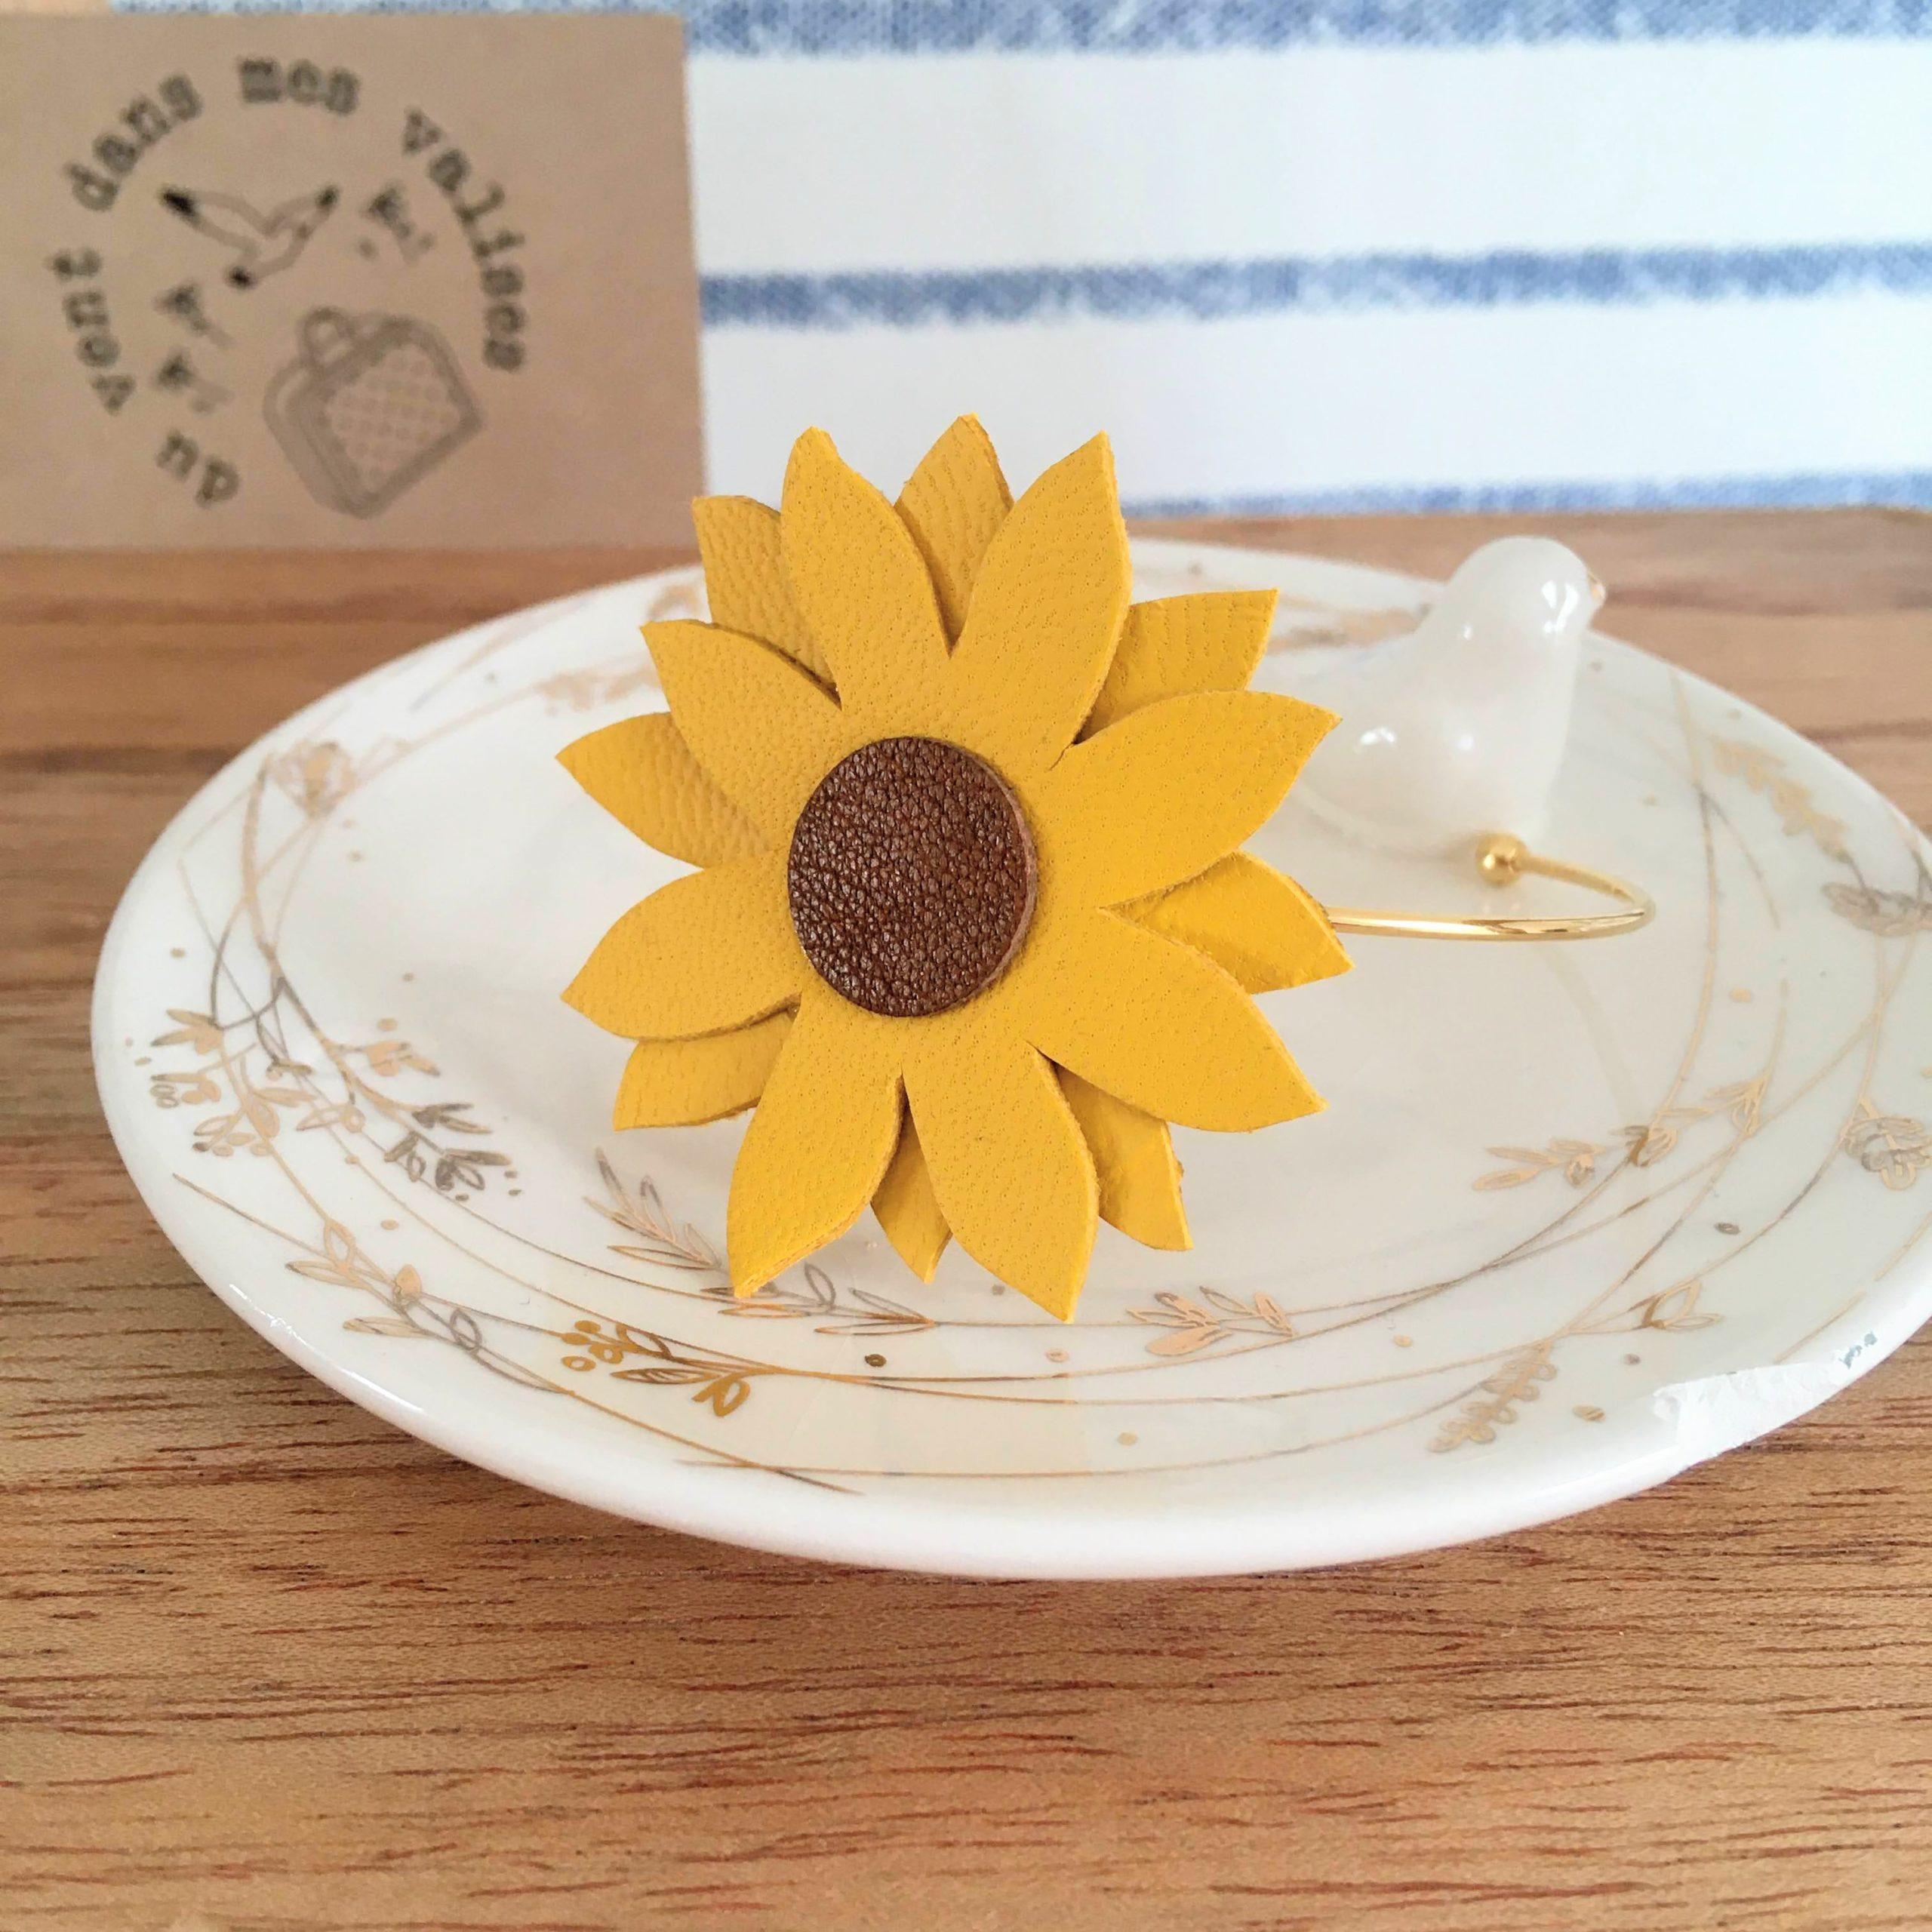 du vent dans mes valises - bracelet fleur de soleil tournesol en cuit upcycled made in France